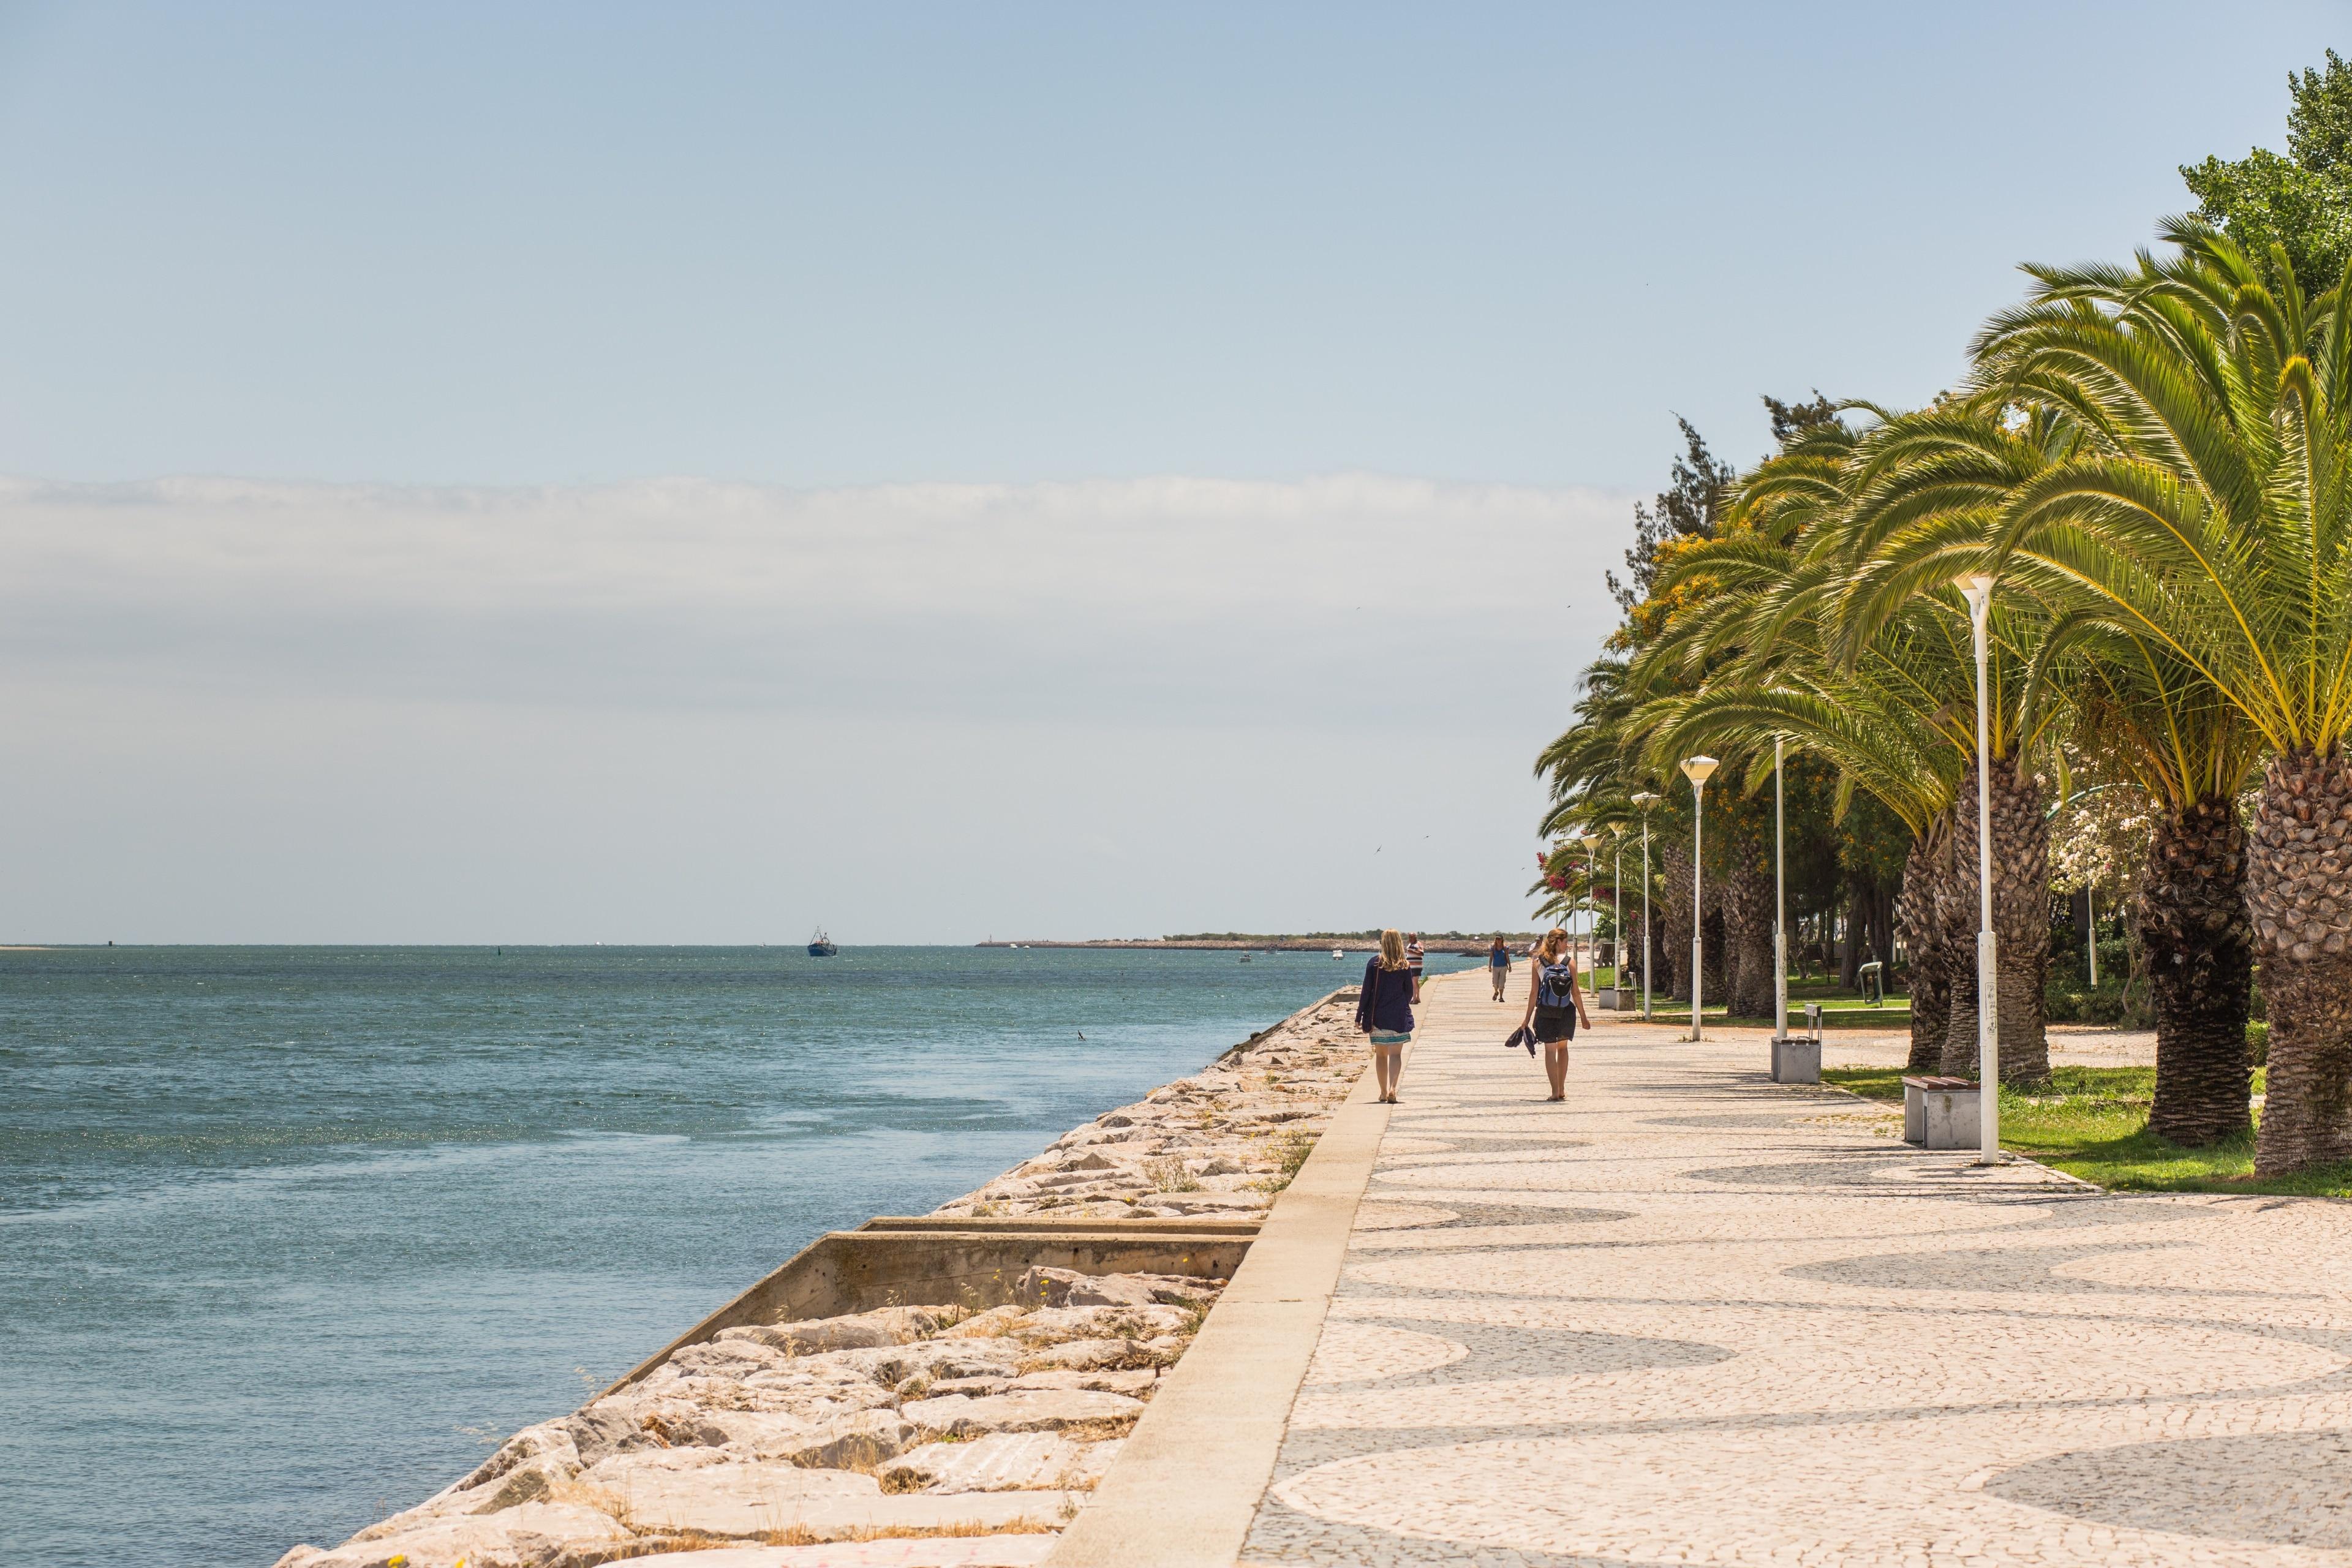 Altura, Castro Marim, Faro District, Portugal